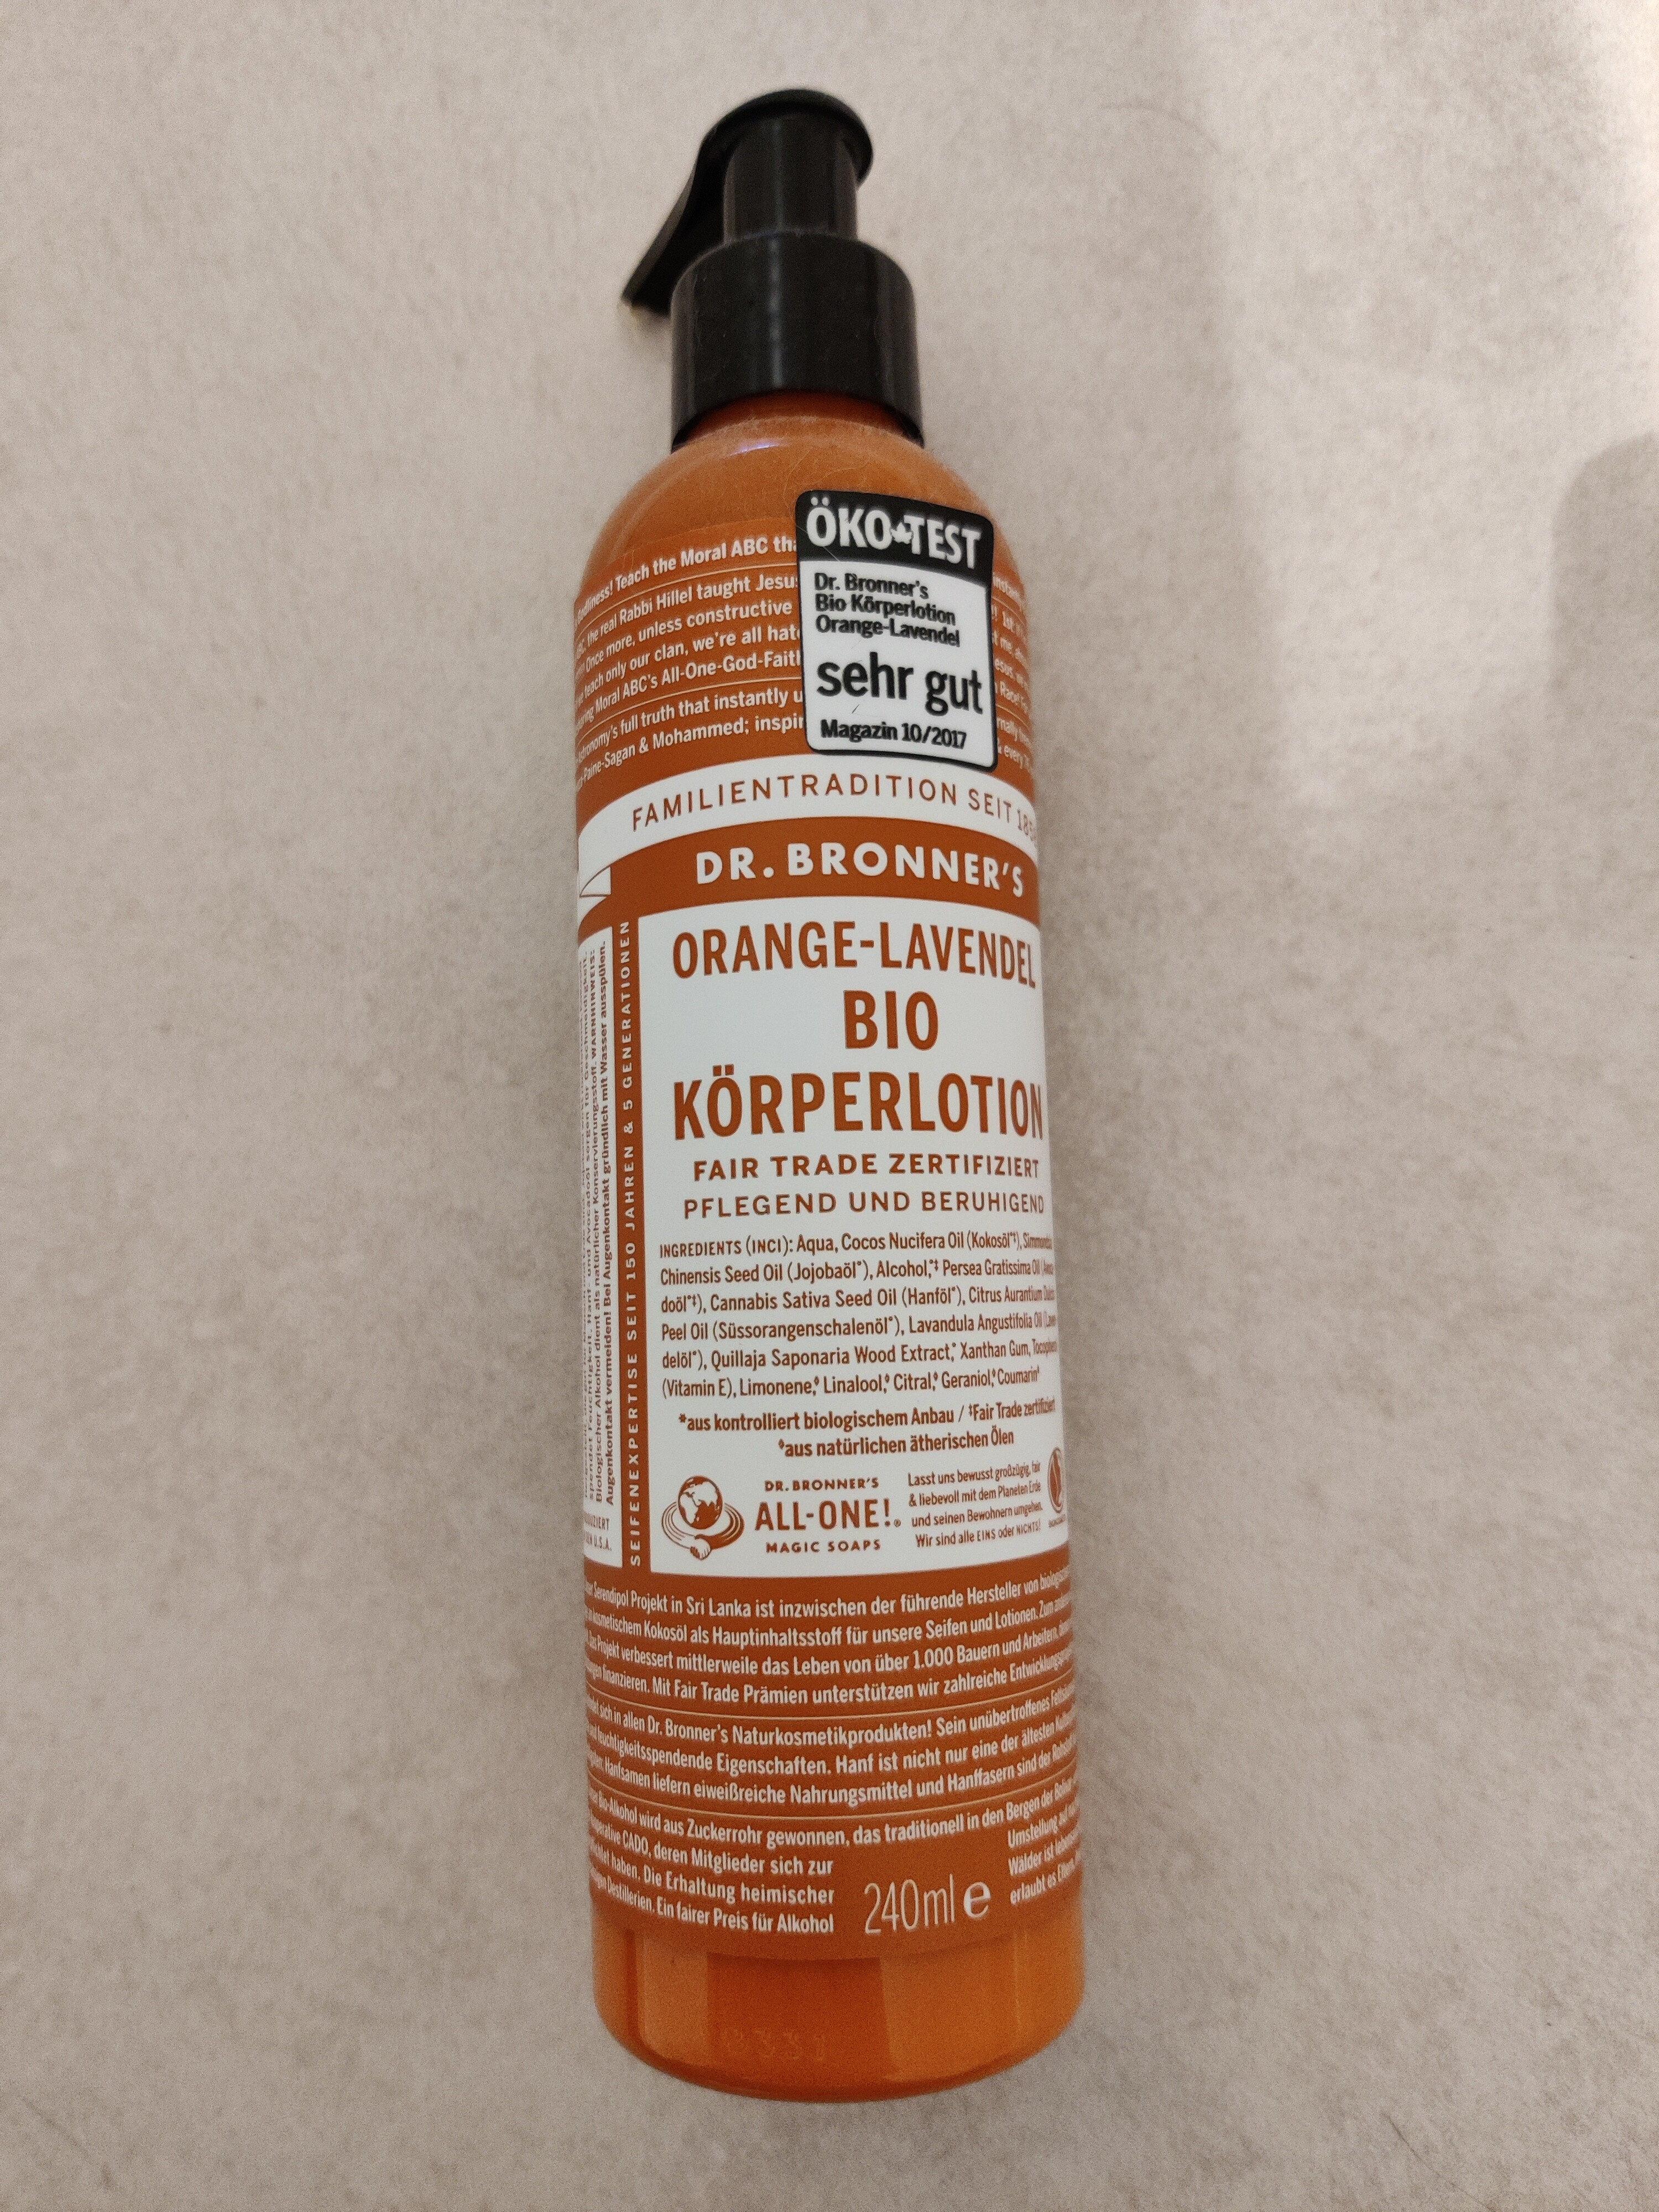 Orange-Lavendel Bio Körperlotion - Produit - en